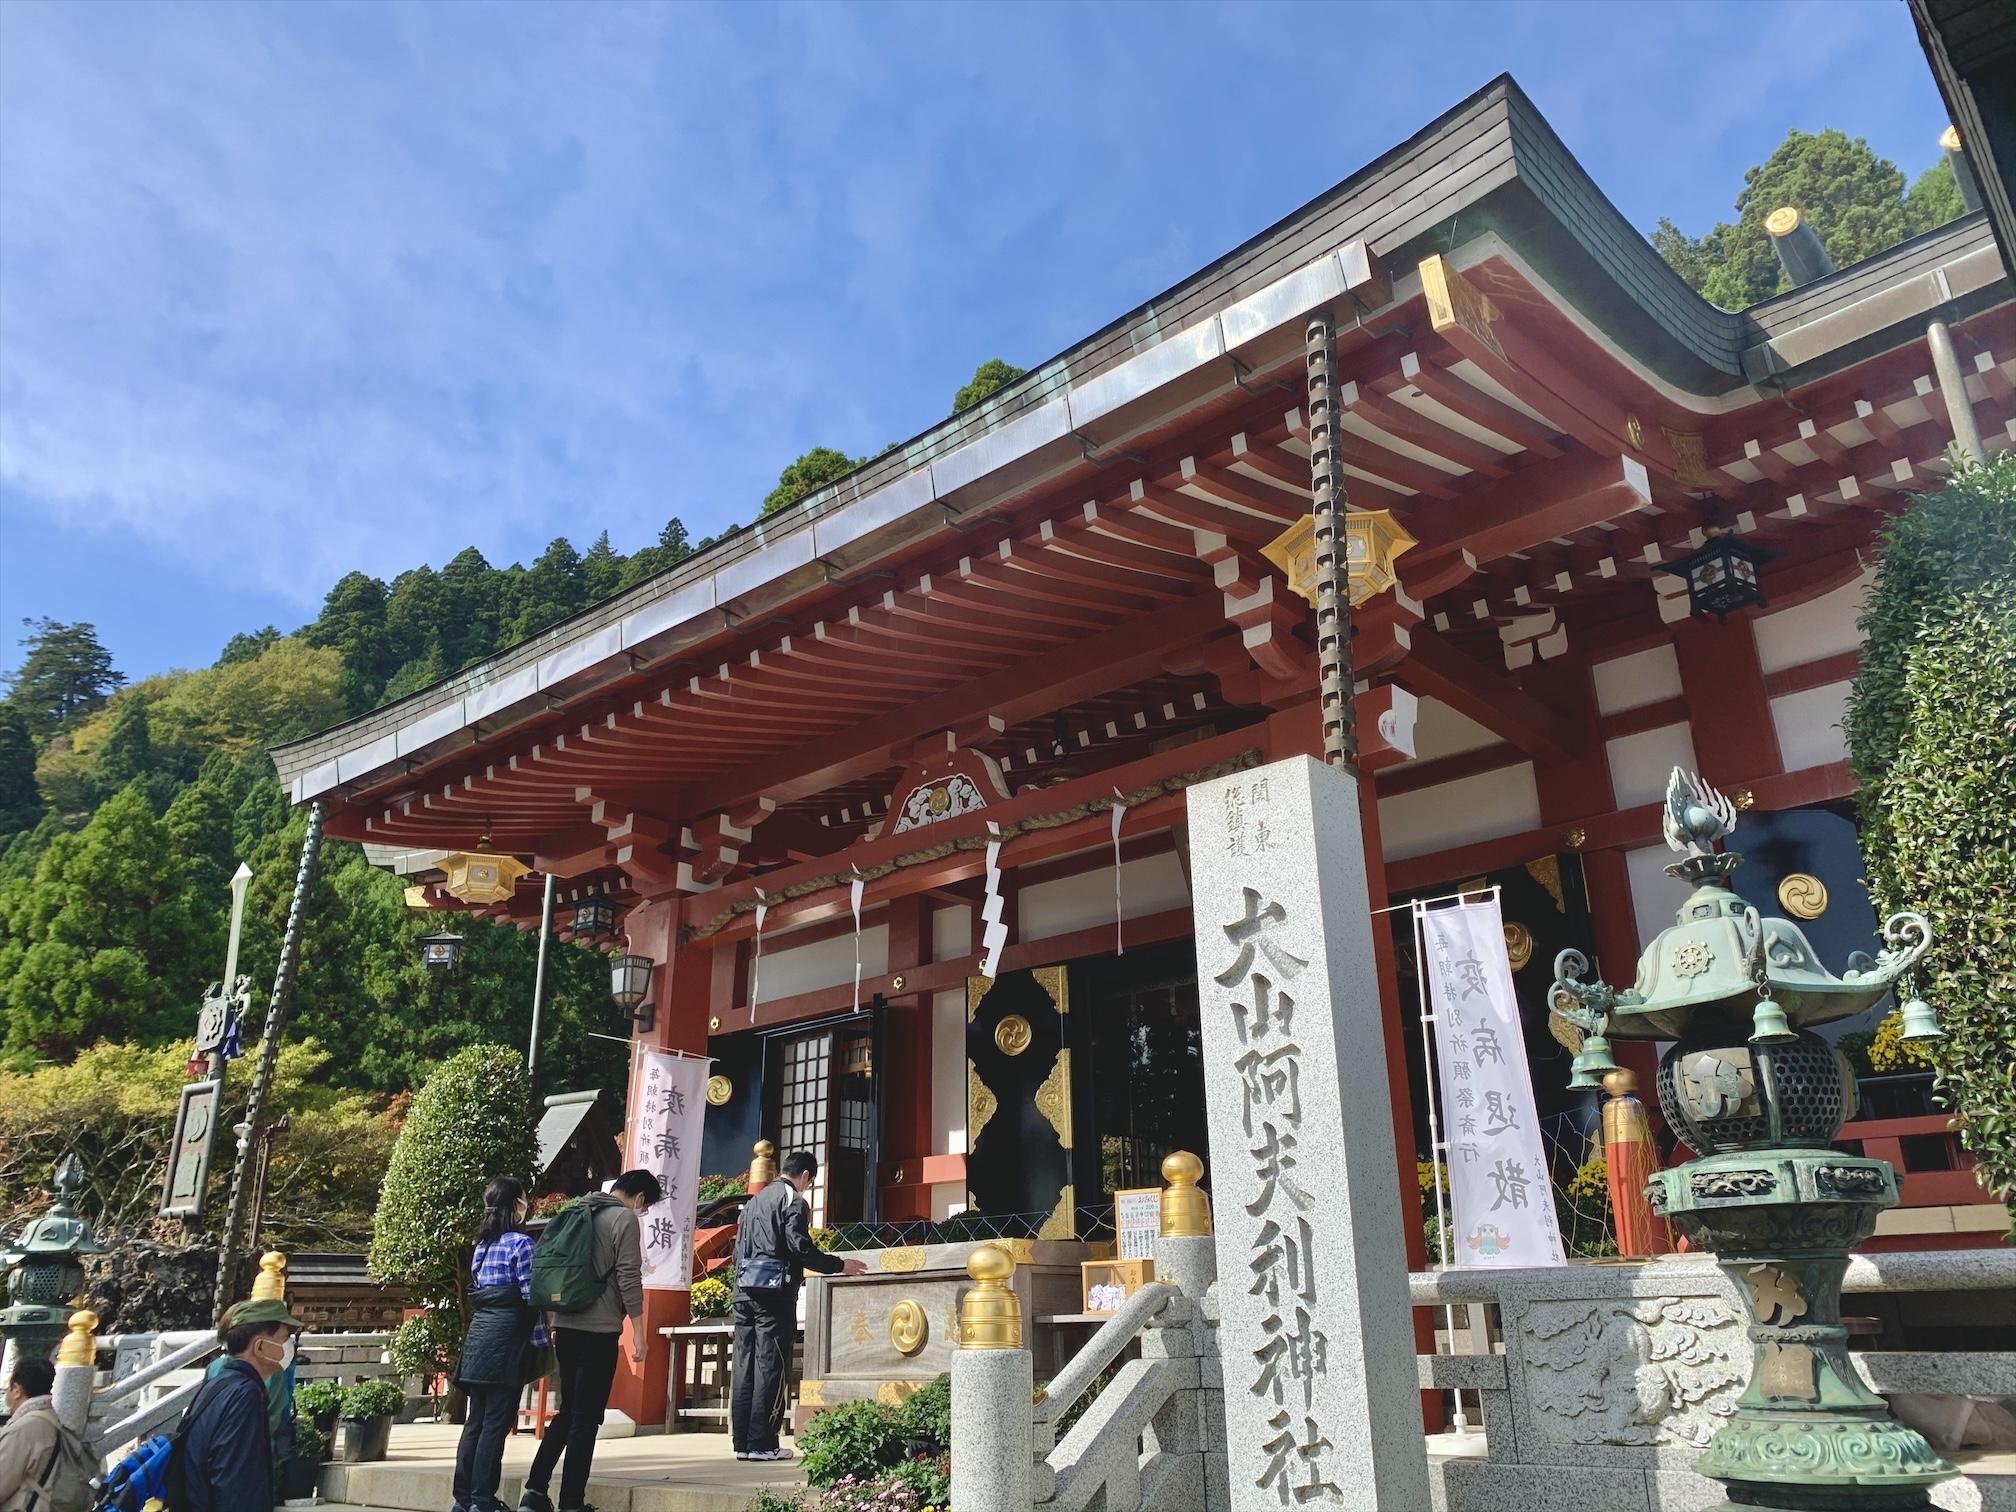 パワースポット㊱大山阿夫利神社(神奈川県伊勢原市)